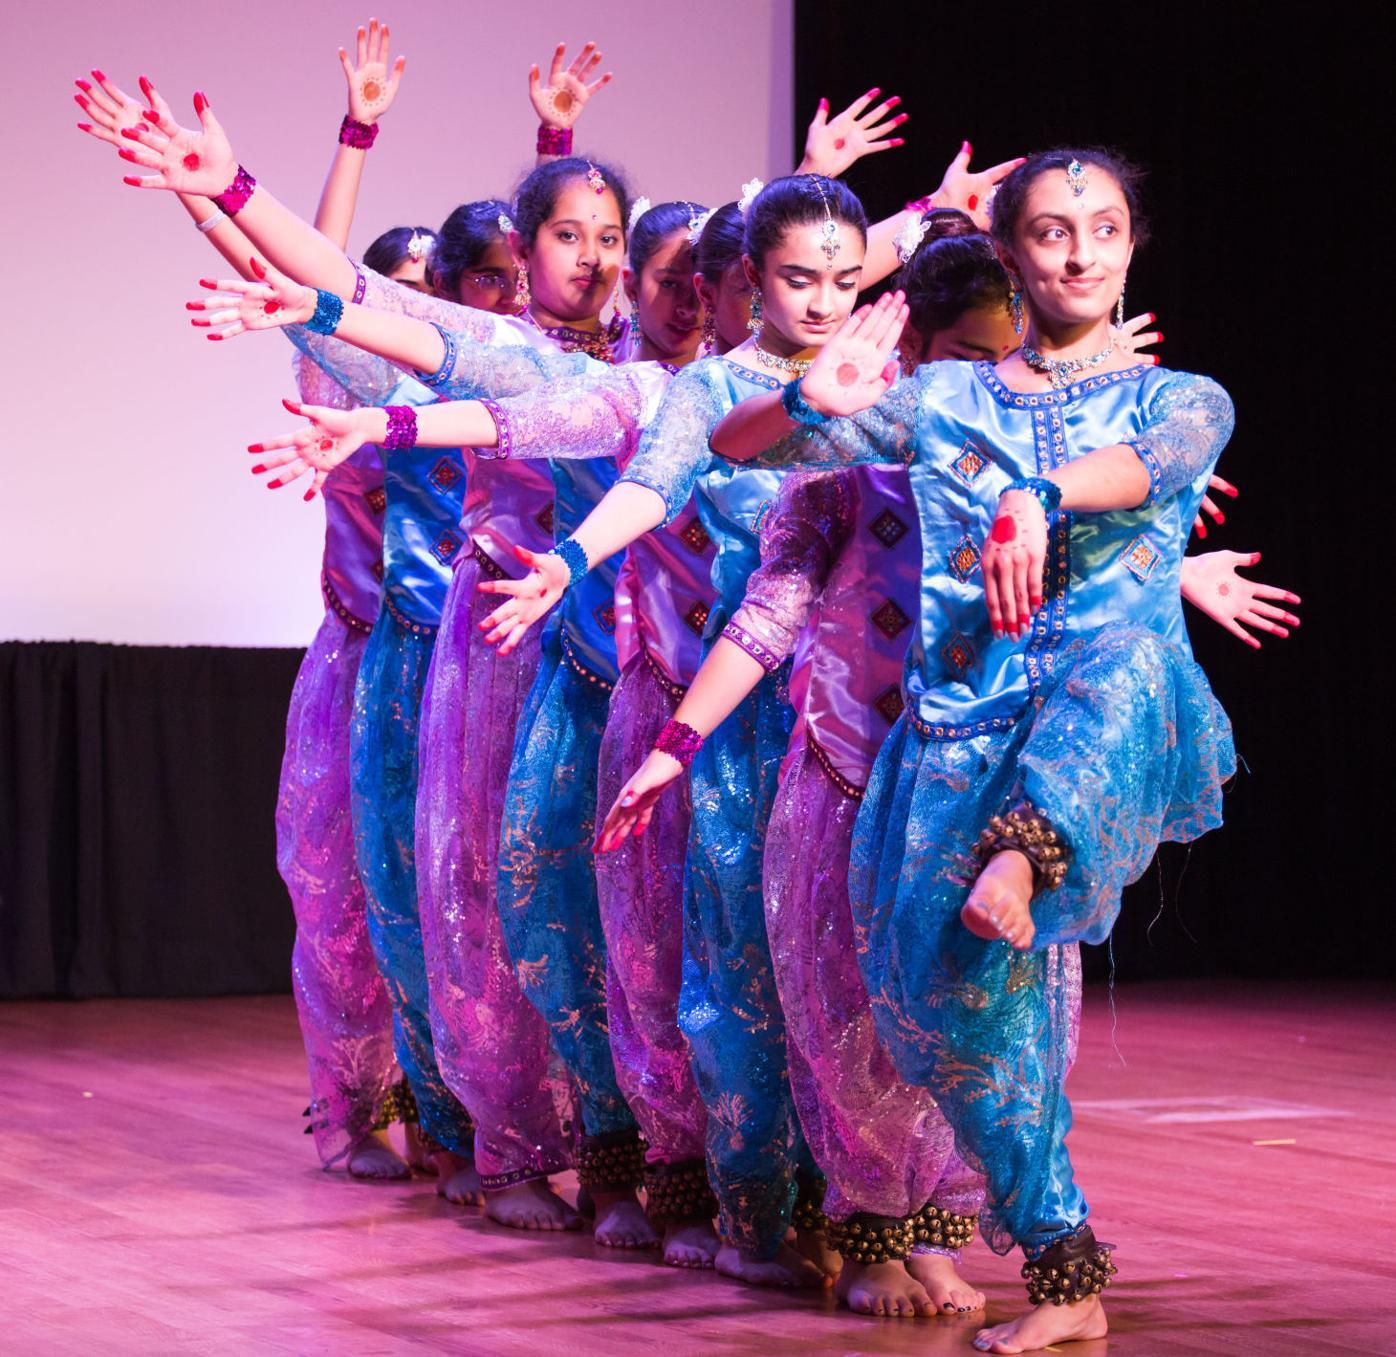 s8 namaste indian festival story 3.jpg